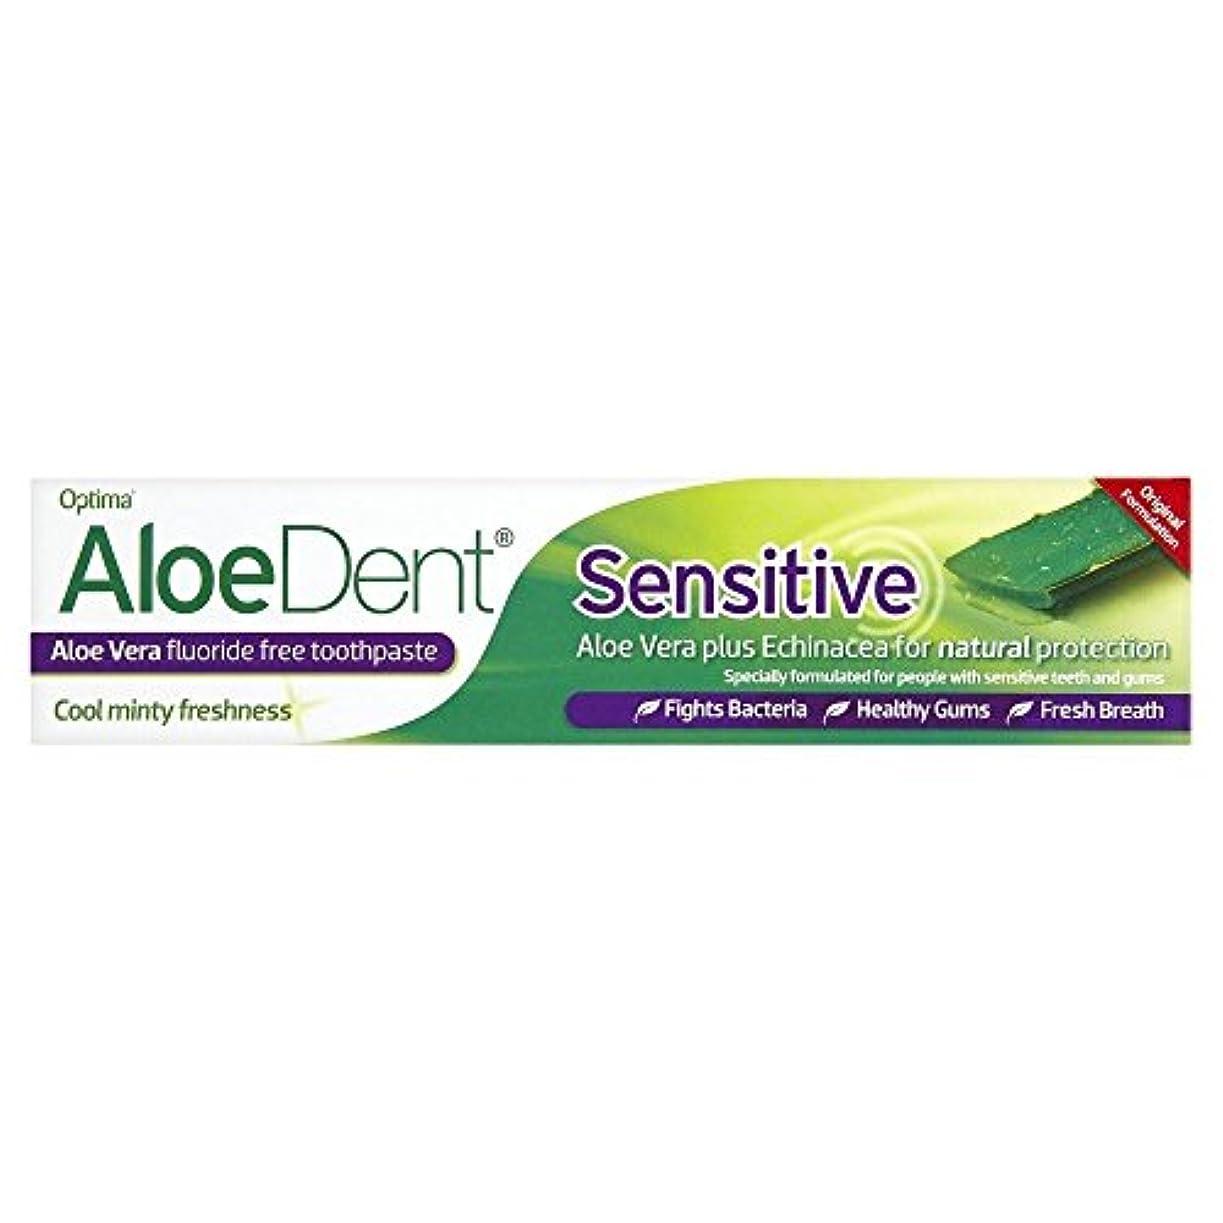 涙見物人ウェイドAloeDent 100 ml Sensitive Aloe Vera Fluoride Free Toothpaste by Aloe Dent